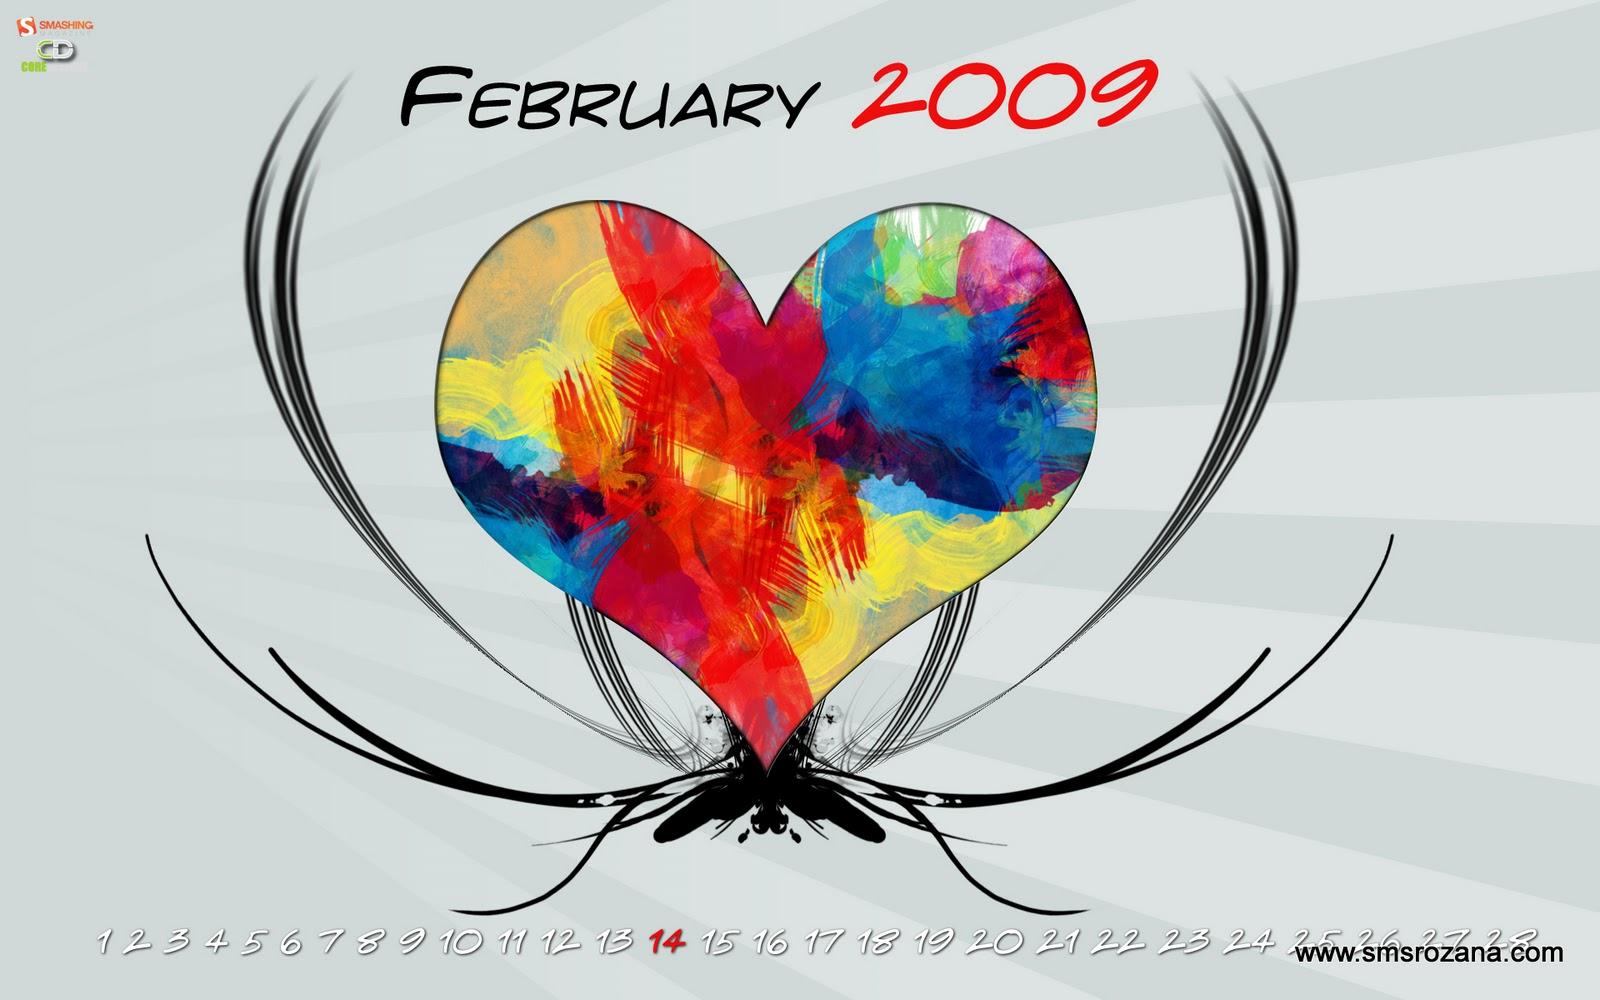 http://4.bp.blogspot.com/-DcoXFlwN3tA/TVgmA1EIHNI/AAAAAAAAAk0/wqdEvQQKJP0/s1600/Happy-Valentine-day-wallpapers.jpg